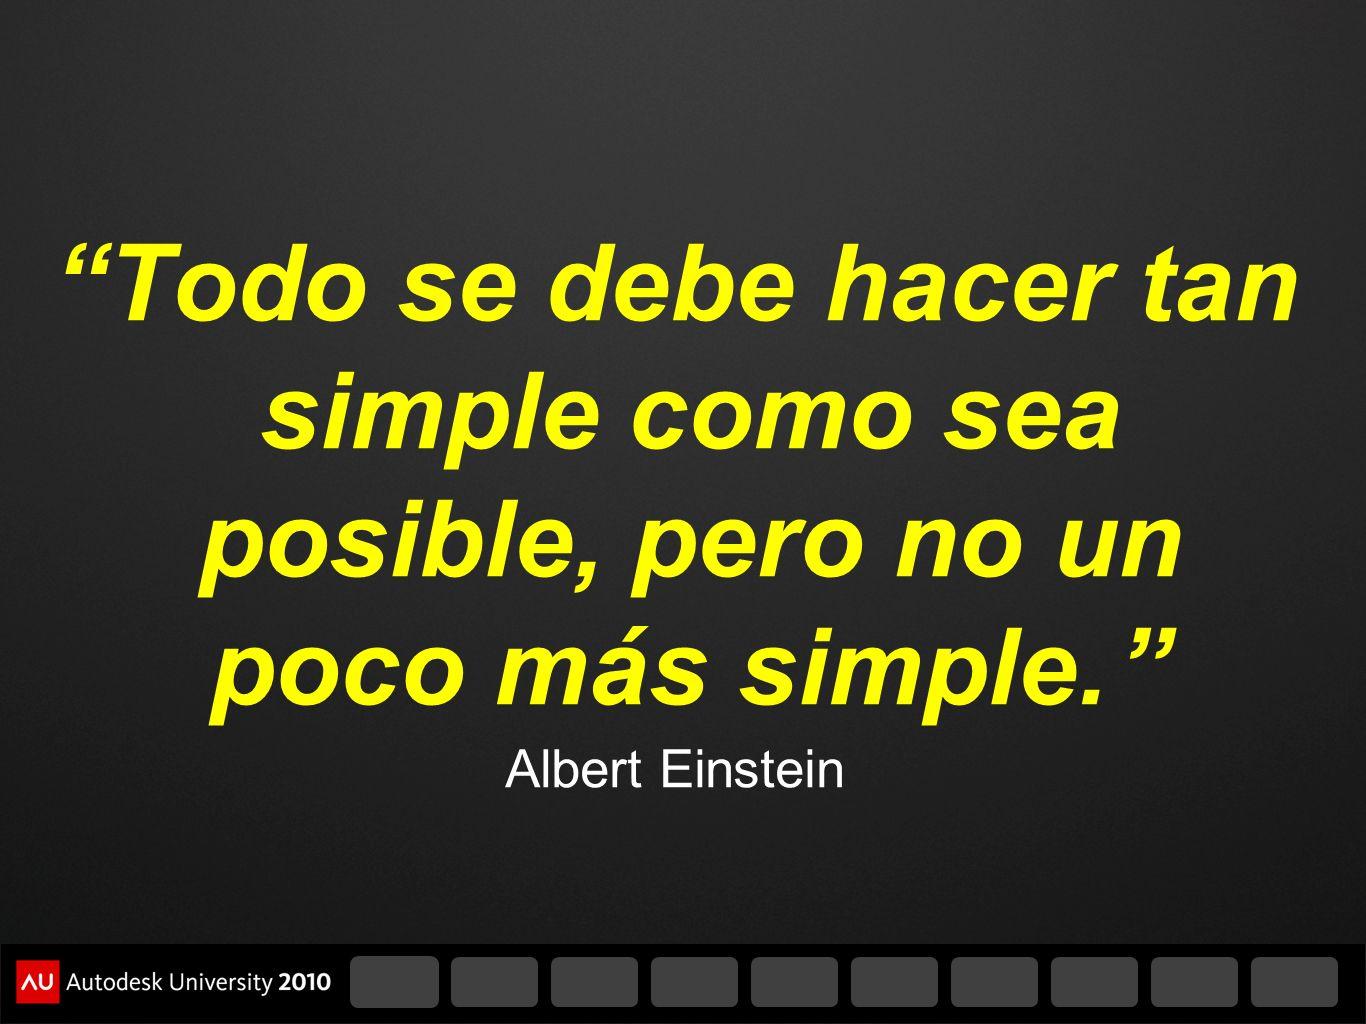 Todo se debe hacer tan simple como sea posible, pero no un poco más simple.